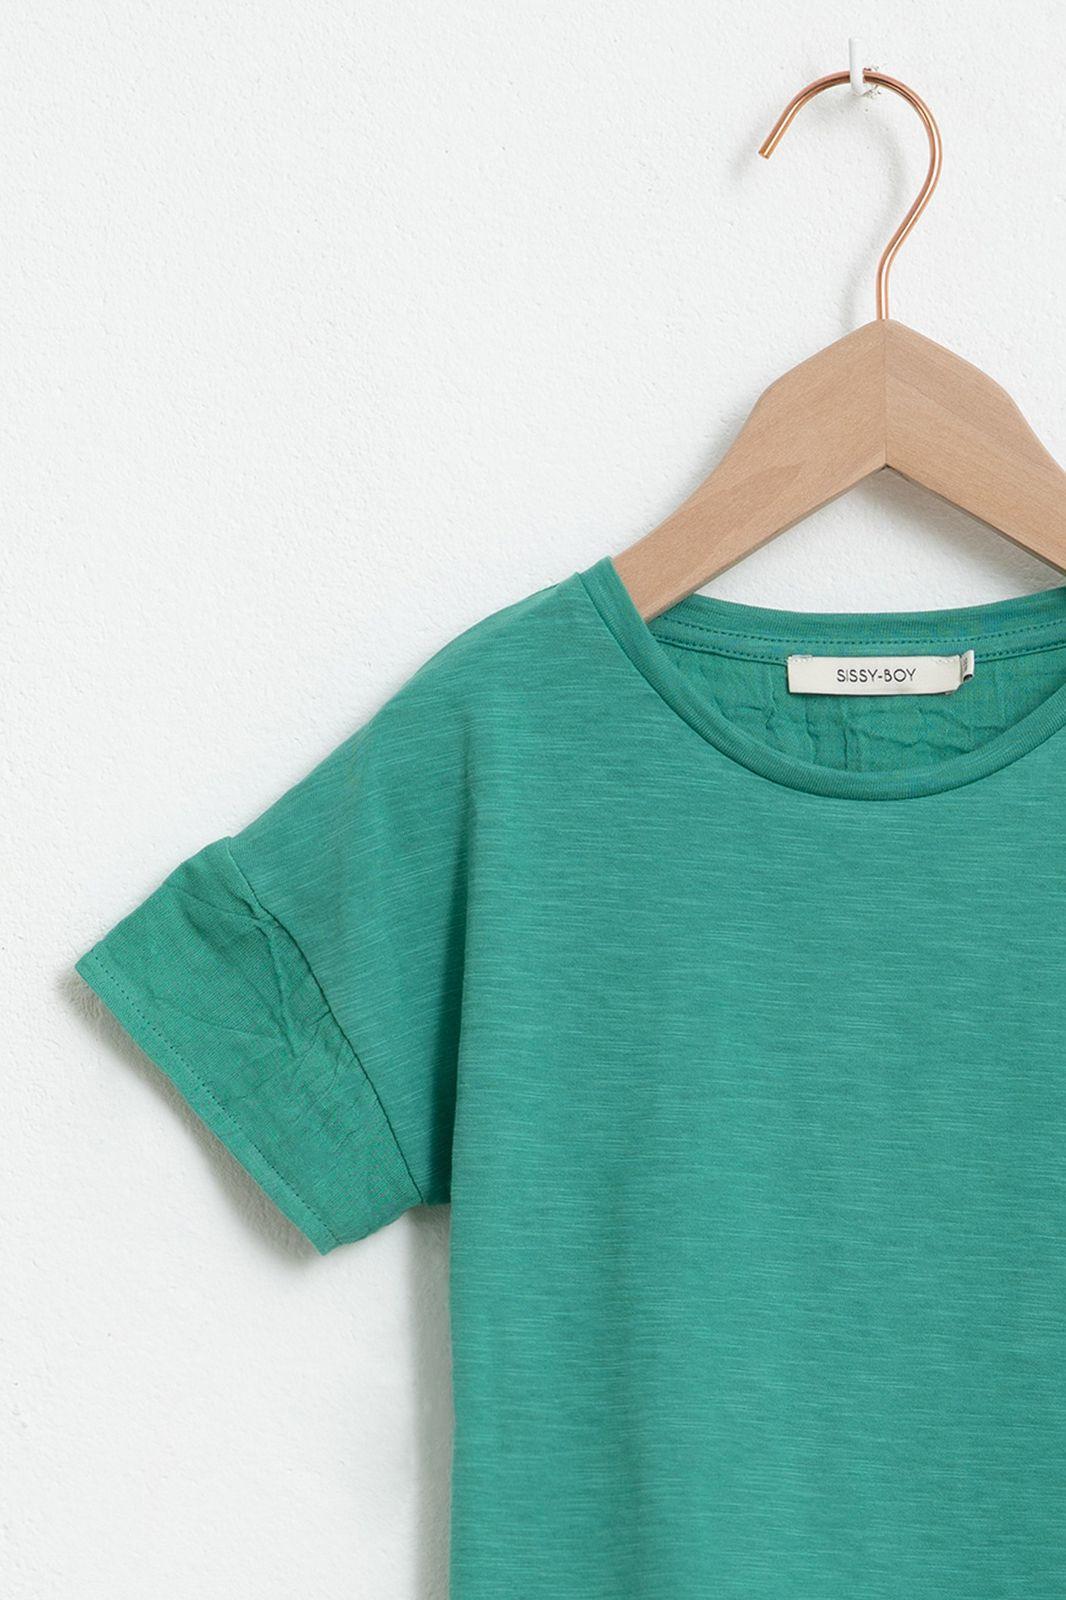 Groen T-shirt met korte ruffle mouwen - Kids | Sissy-Boy